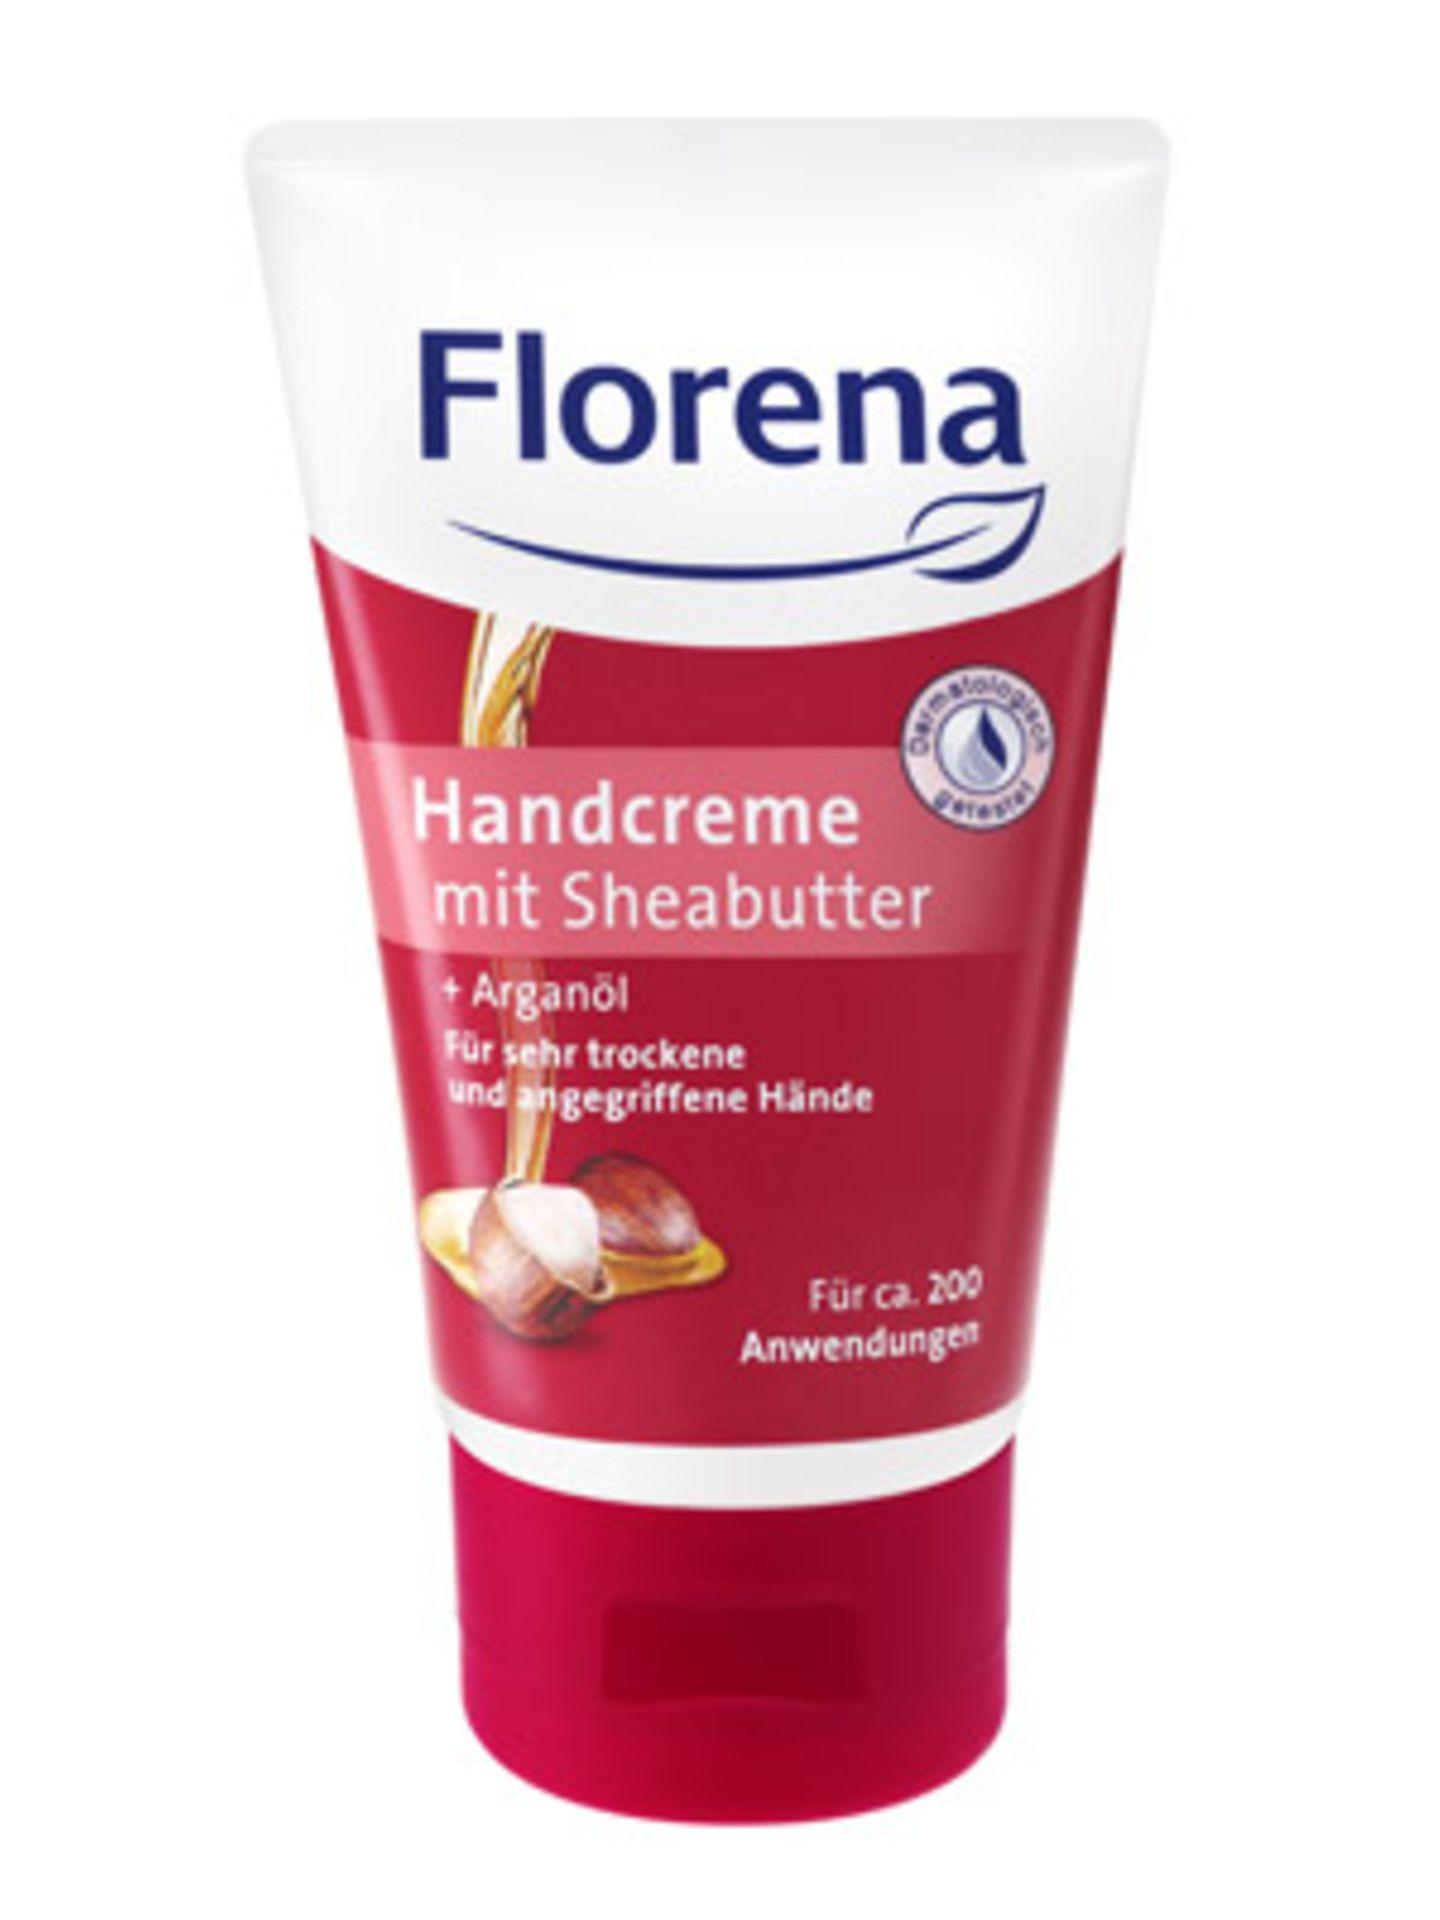 Handcreme mit Sheabutter und Arganöl für sehr strapazierte Hände von Florena, ca. 2 Euro.